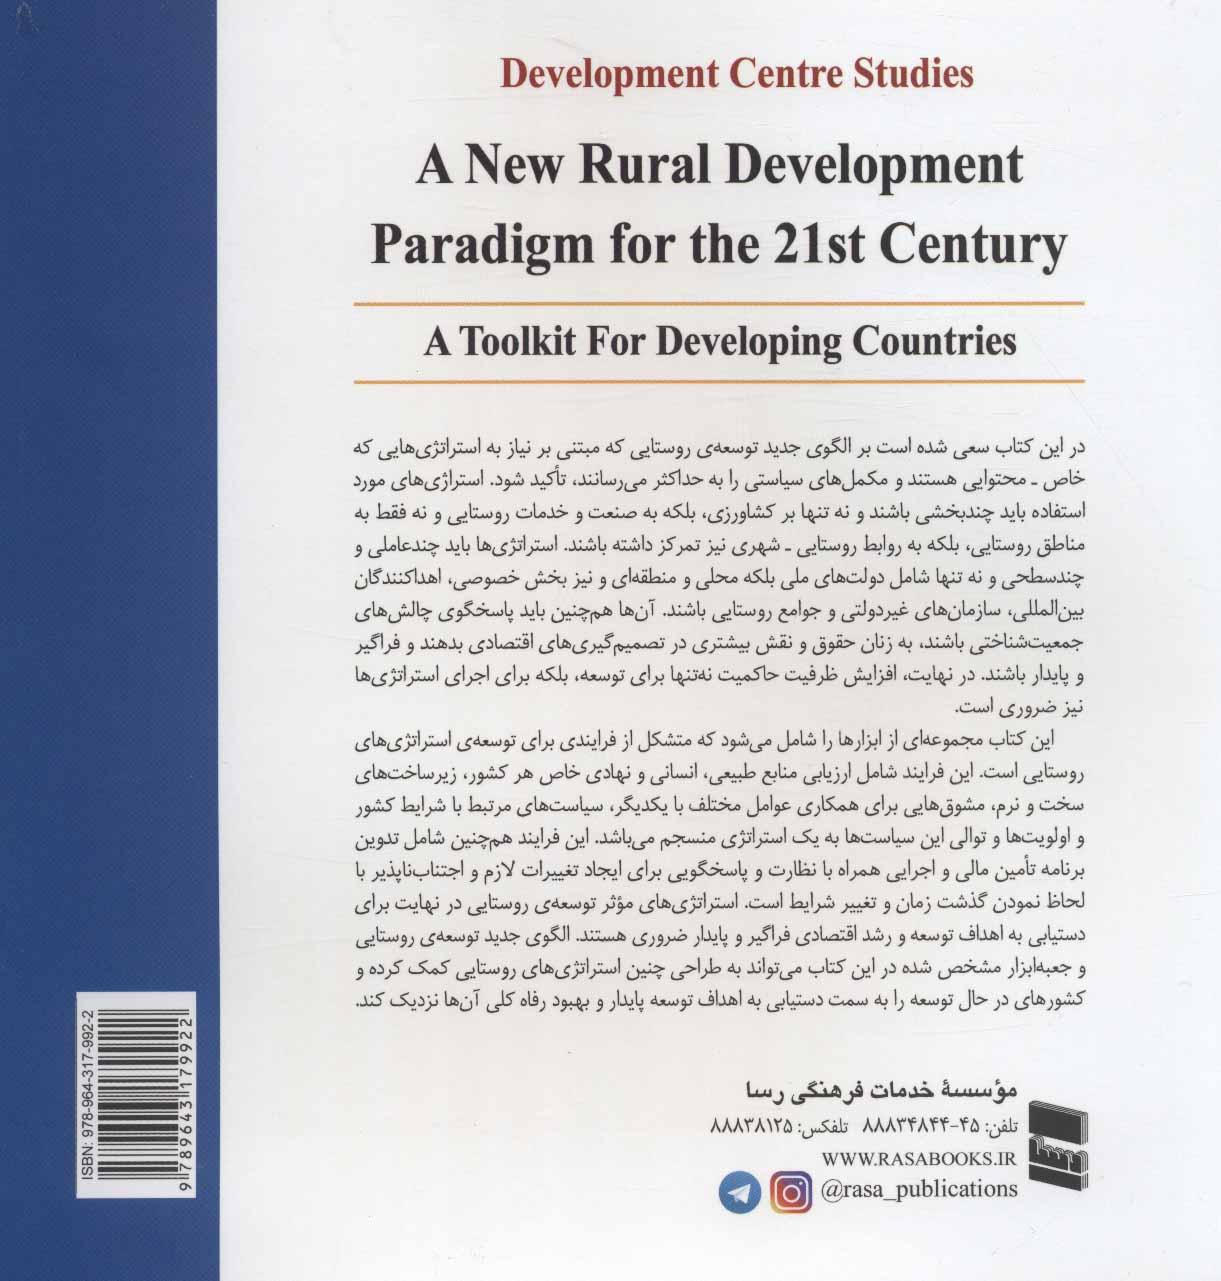 توسعه ی روستایی (الگویی جدید برای کشورهای در حال توسعه)